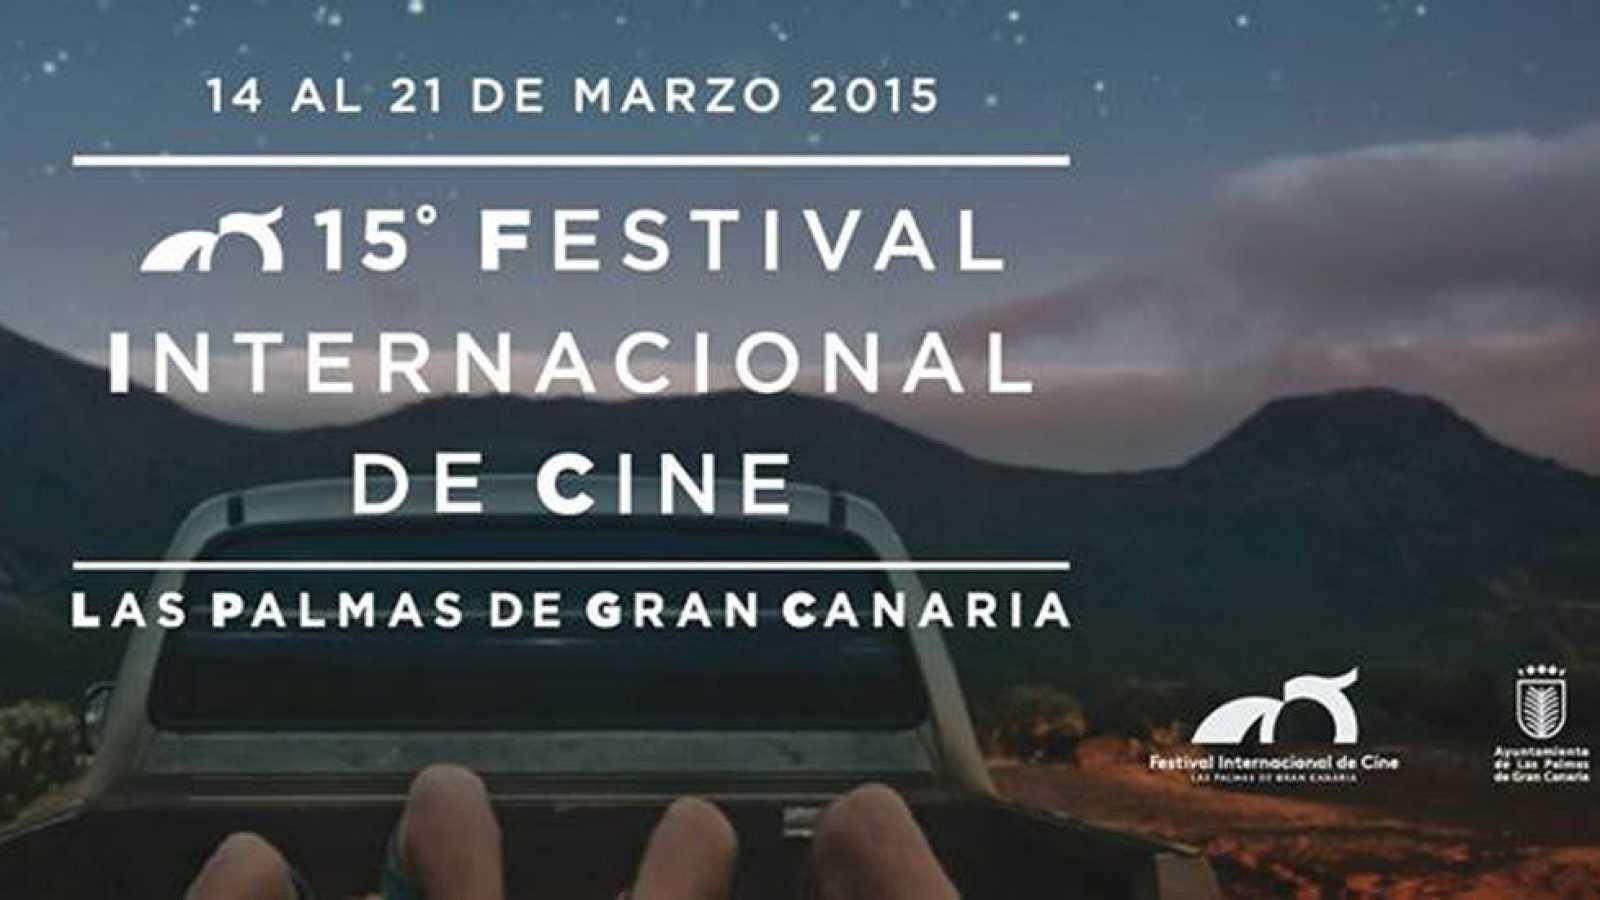 El Festival de cine de Las Palmas celebra su 15ª edición